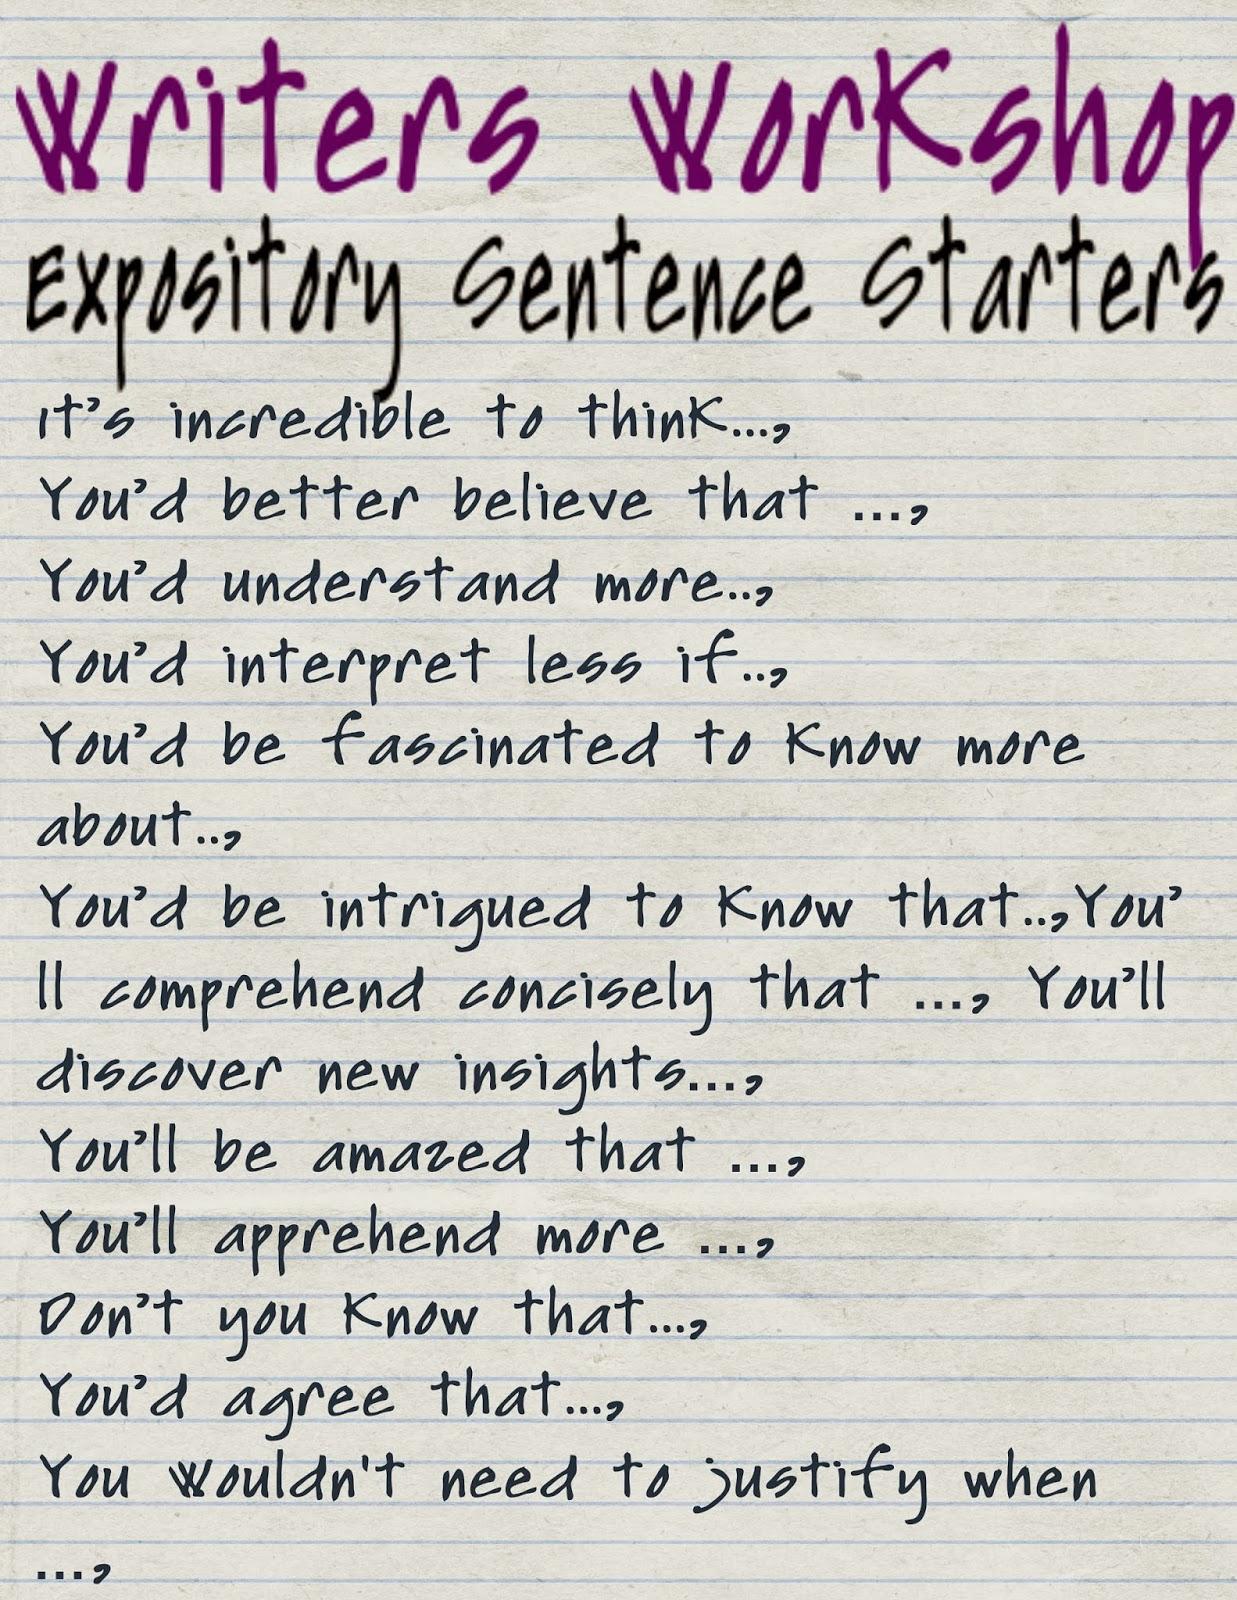 Cuneiform in a sentence